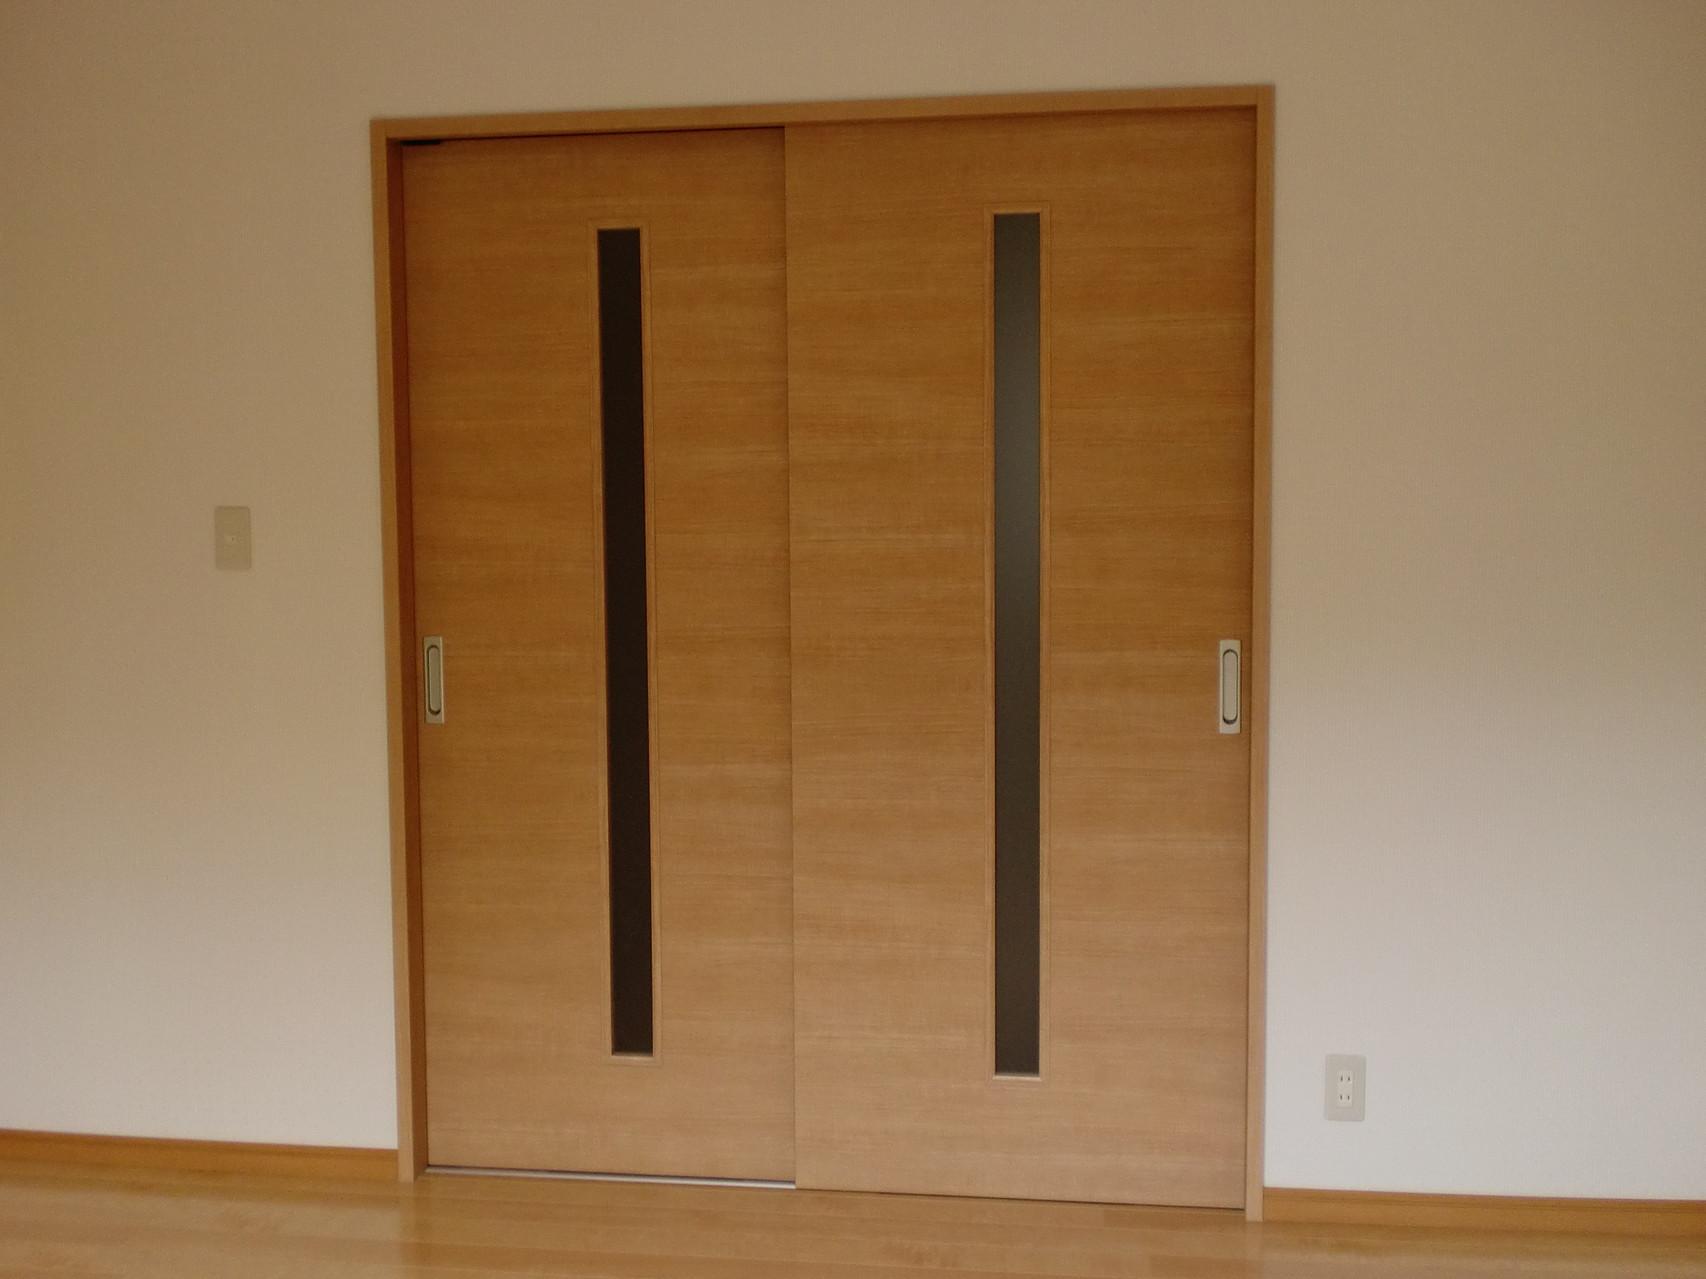 2階 寝室 引違い2枚戸